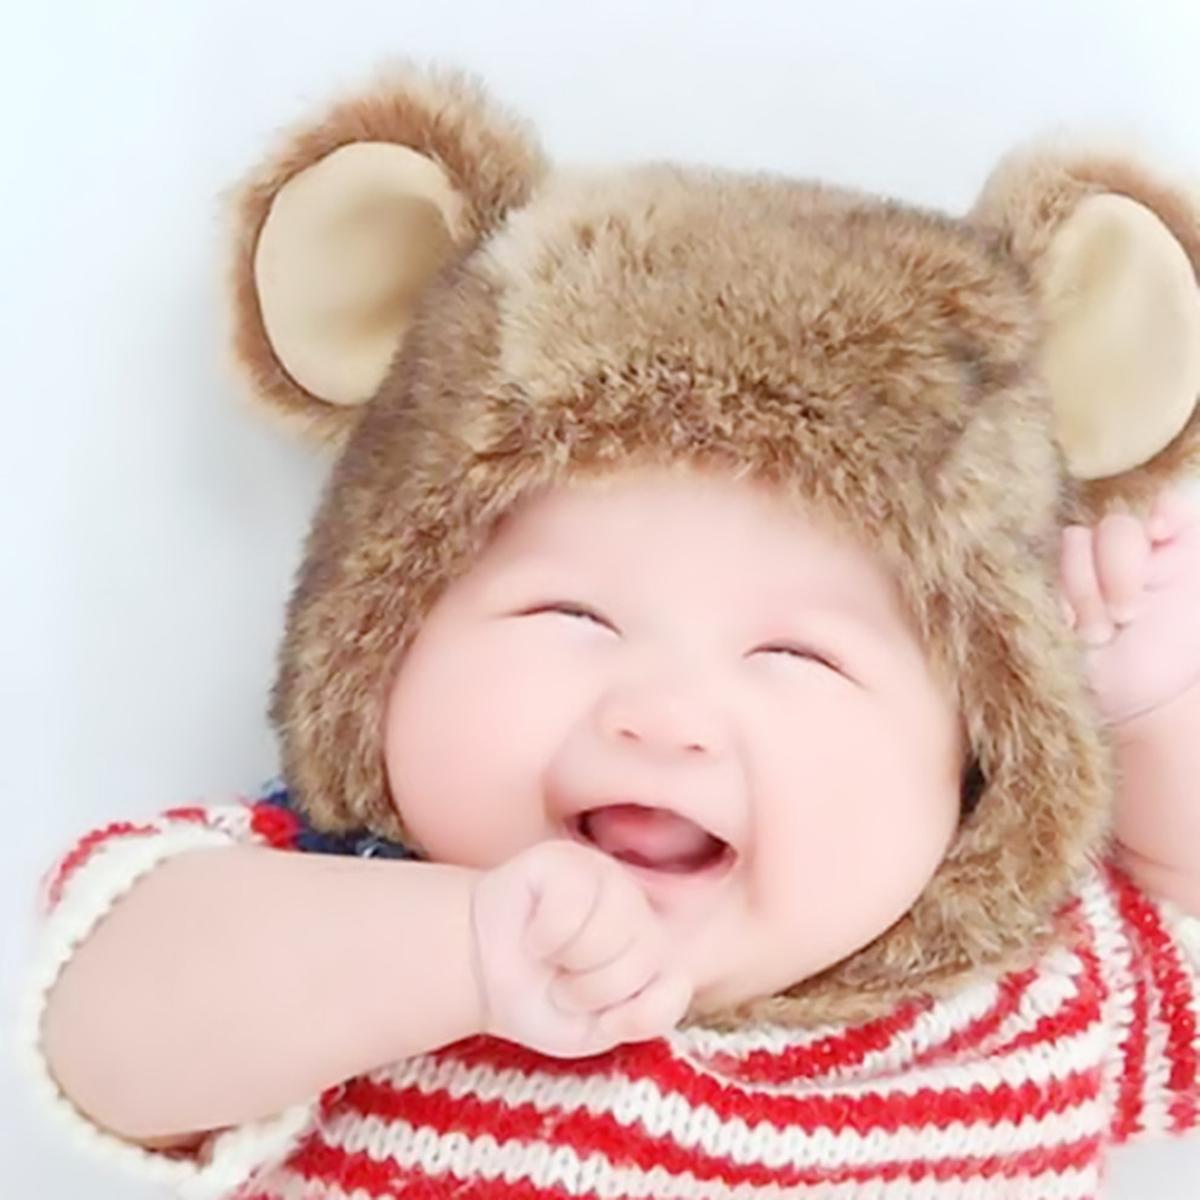 971622266_可爱宝宝的图片大图_百度知道